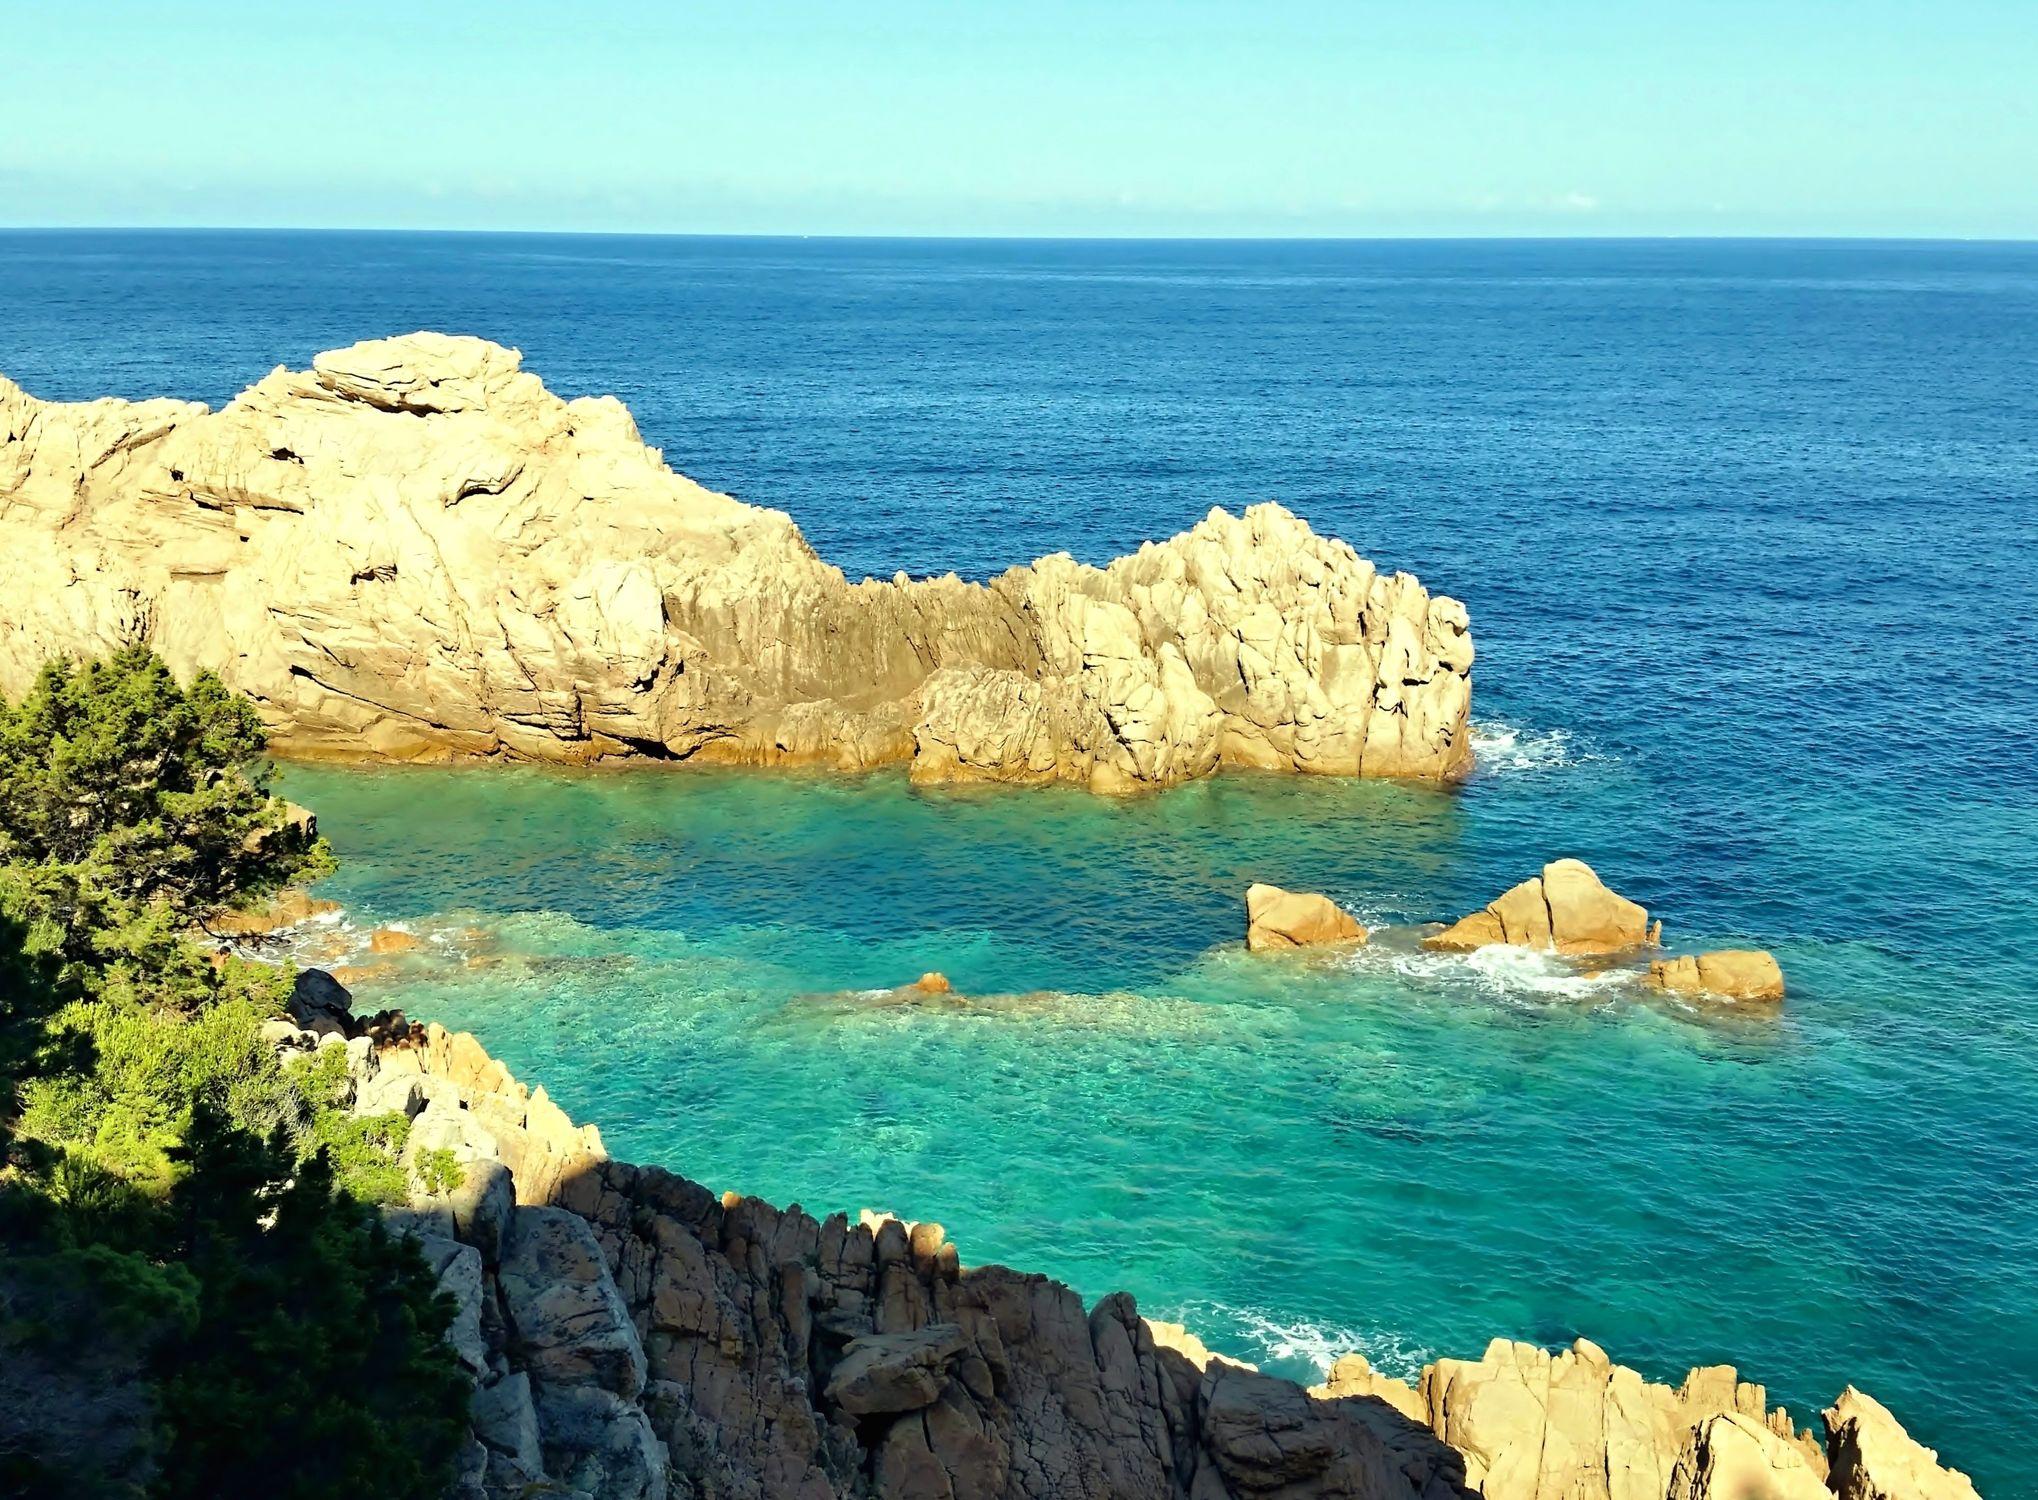 Bild mit Natur, Felsen, Italien, Meerblick, Meer, Mittelmeer, Landschaft, Sardinien, Klippen, Naturbilder